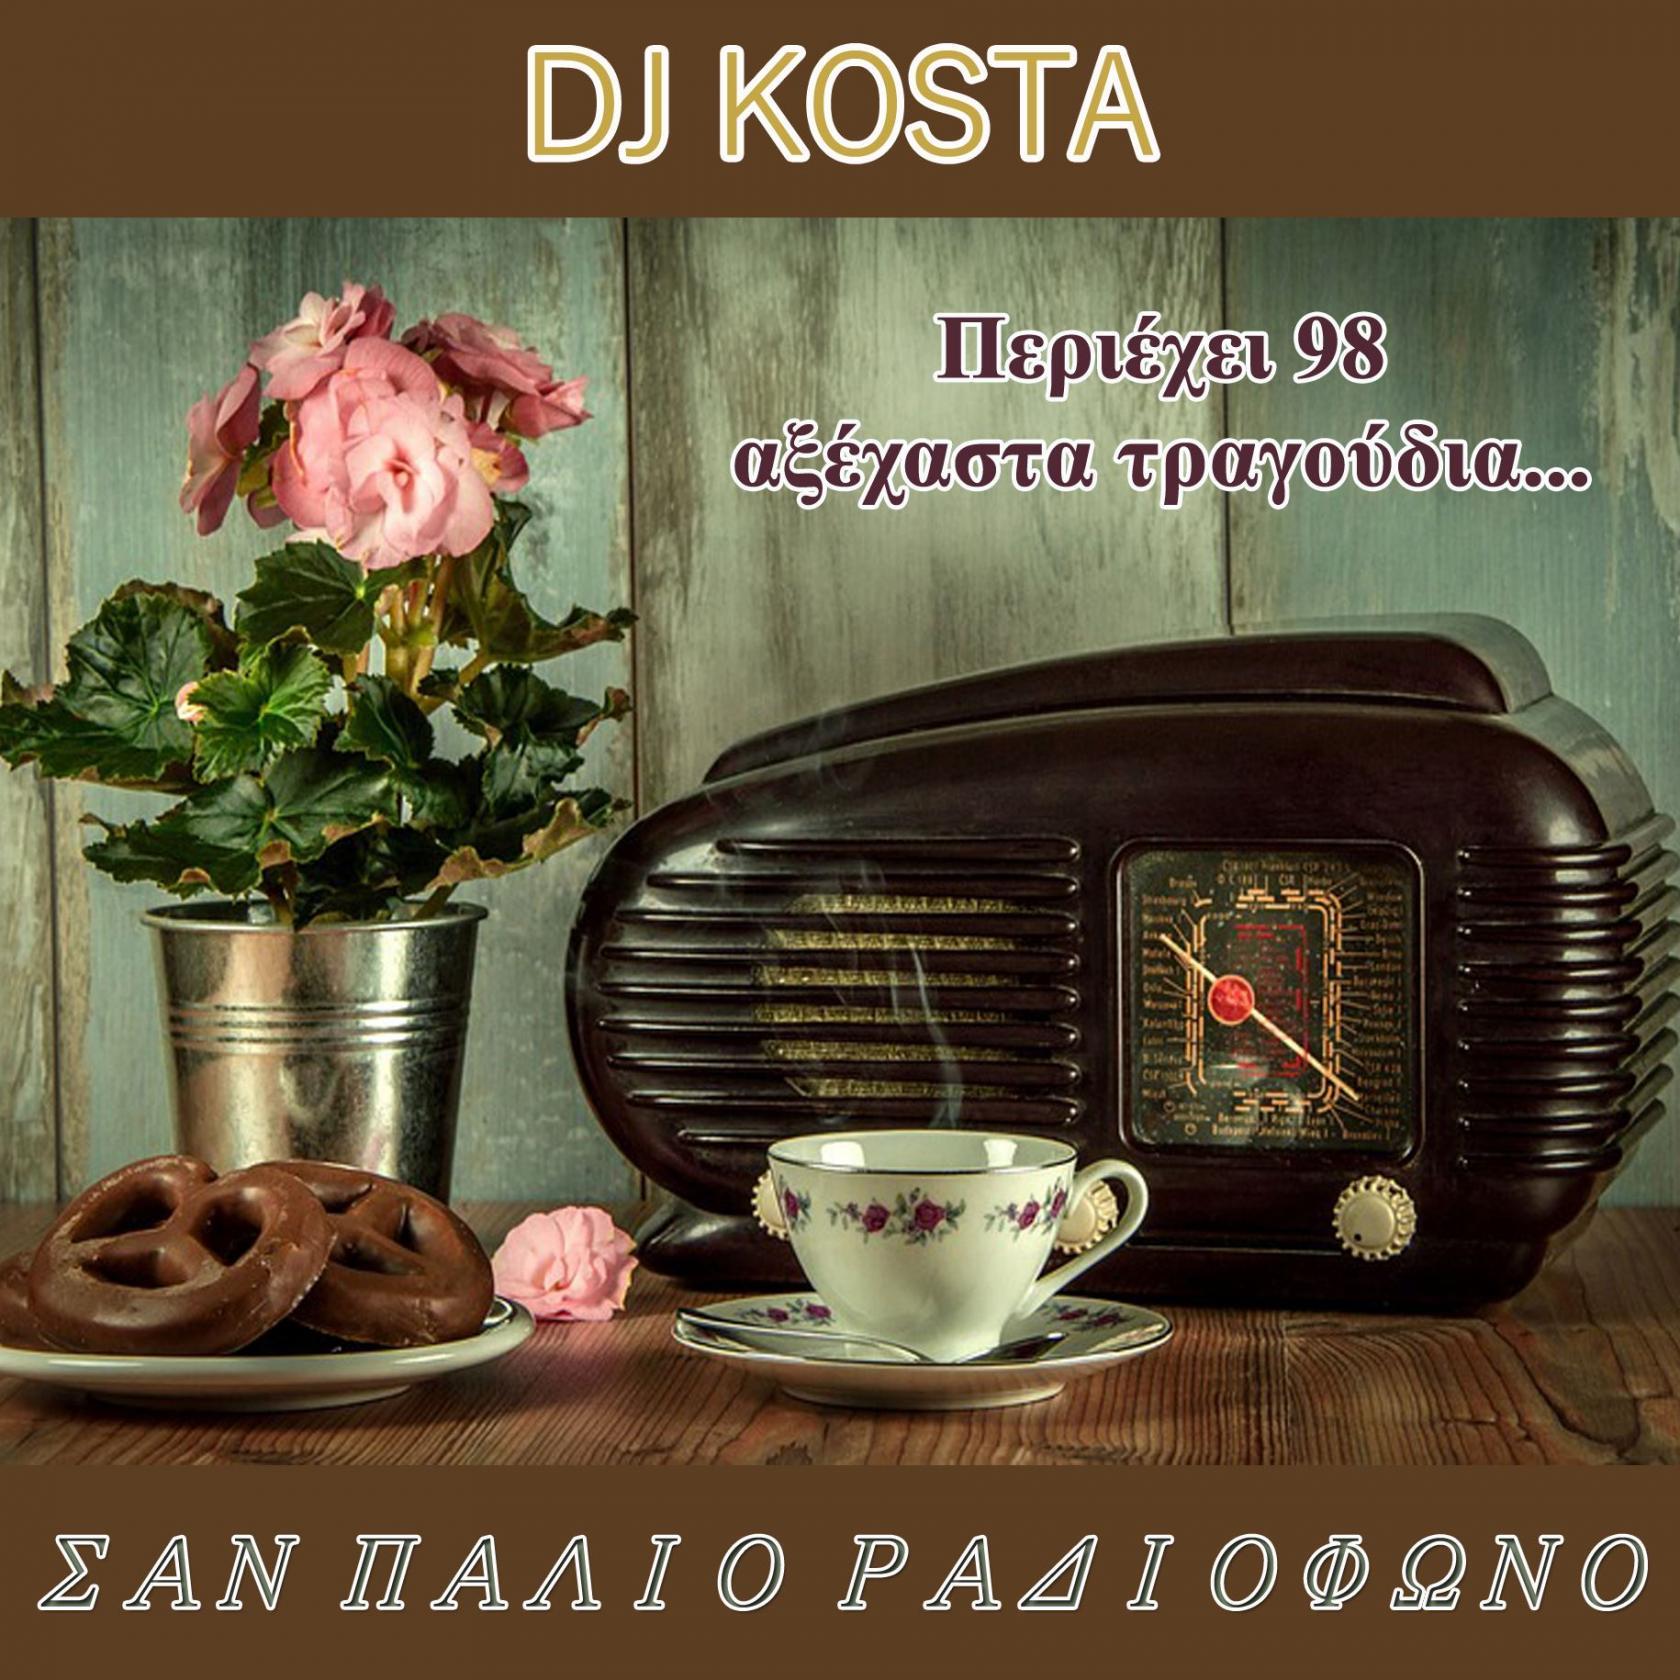 Σαν Παλιο Ραδιοφωνο (Ελληνικο Μιξ)